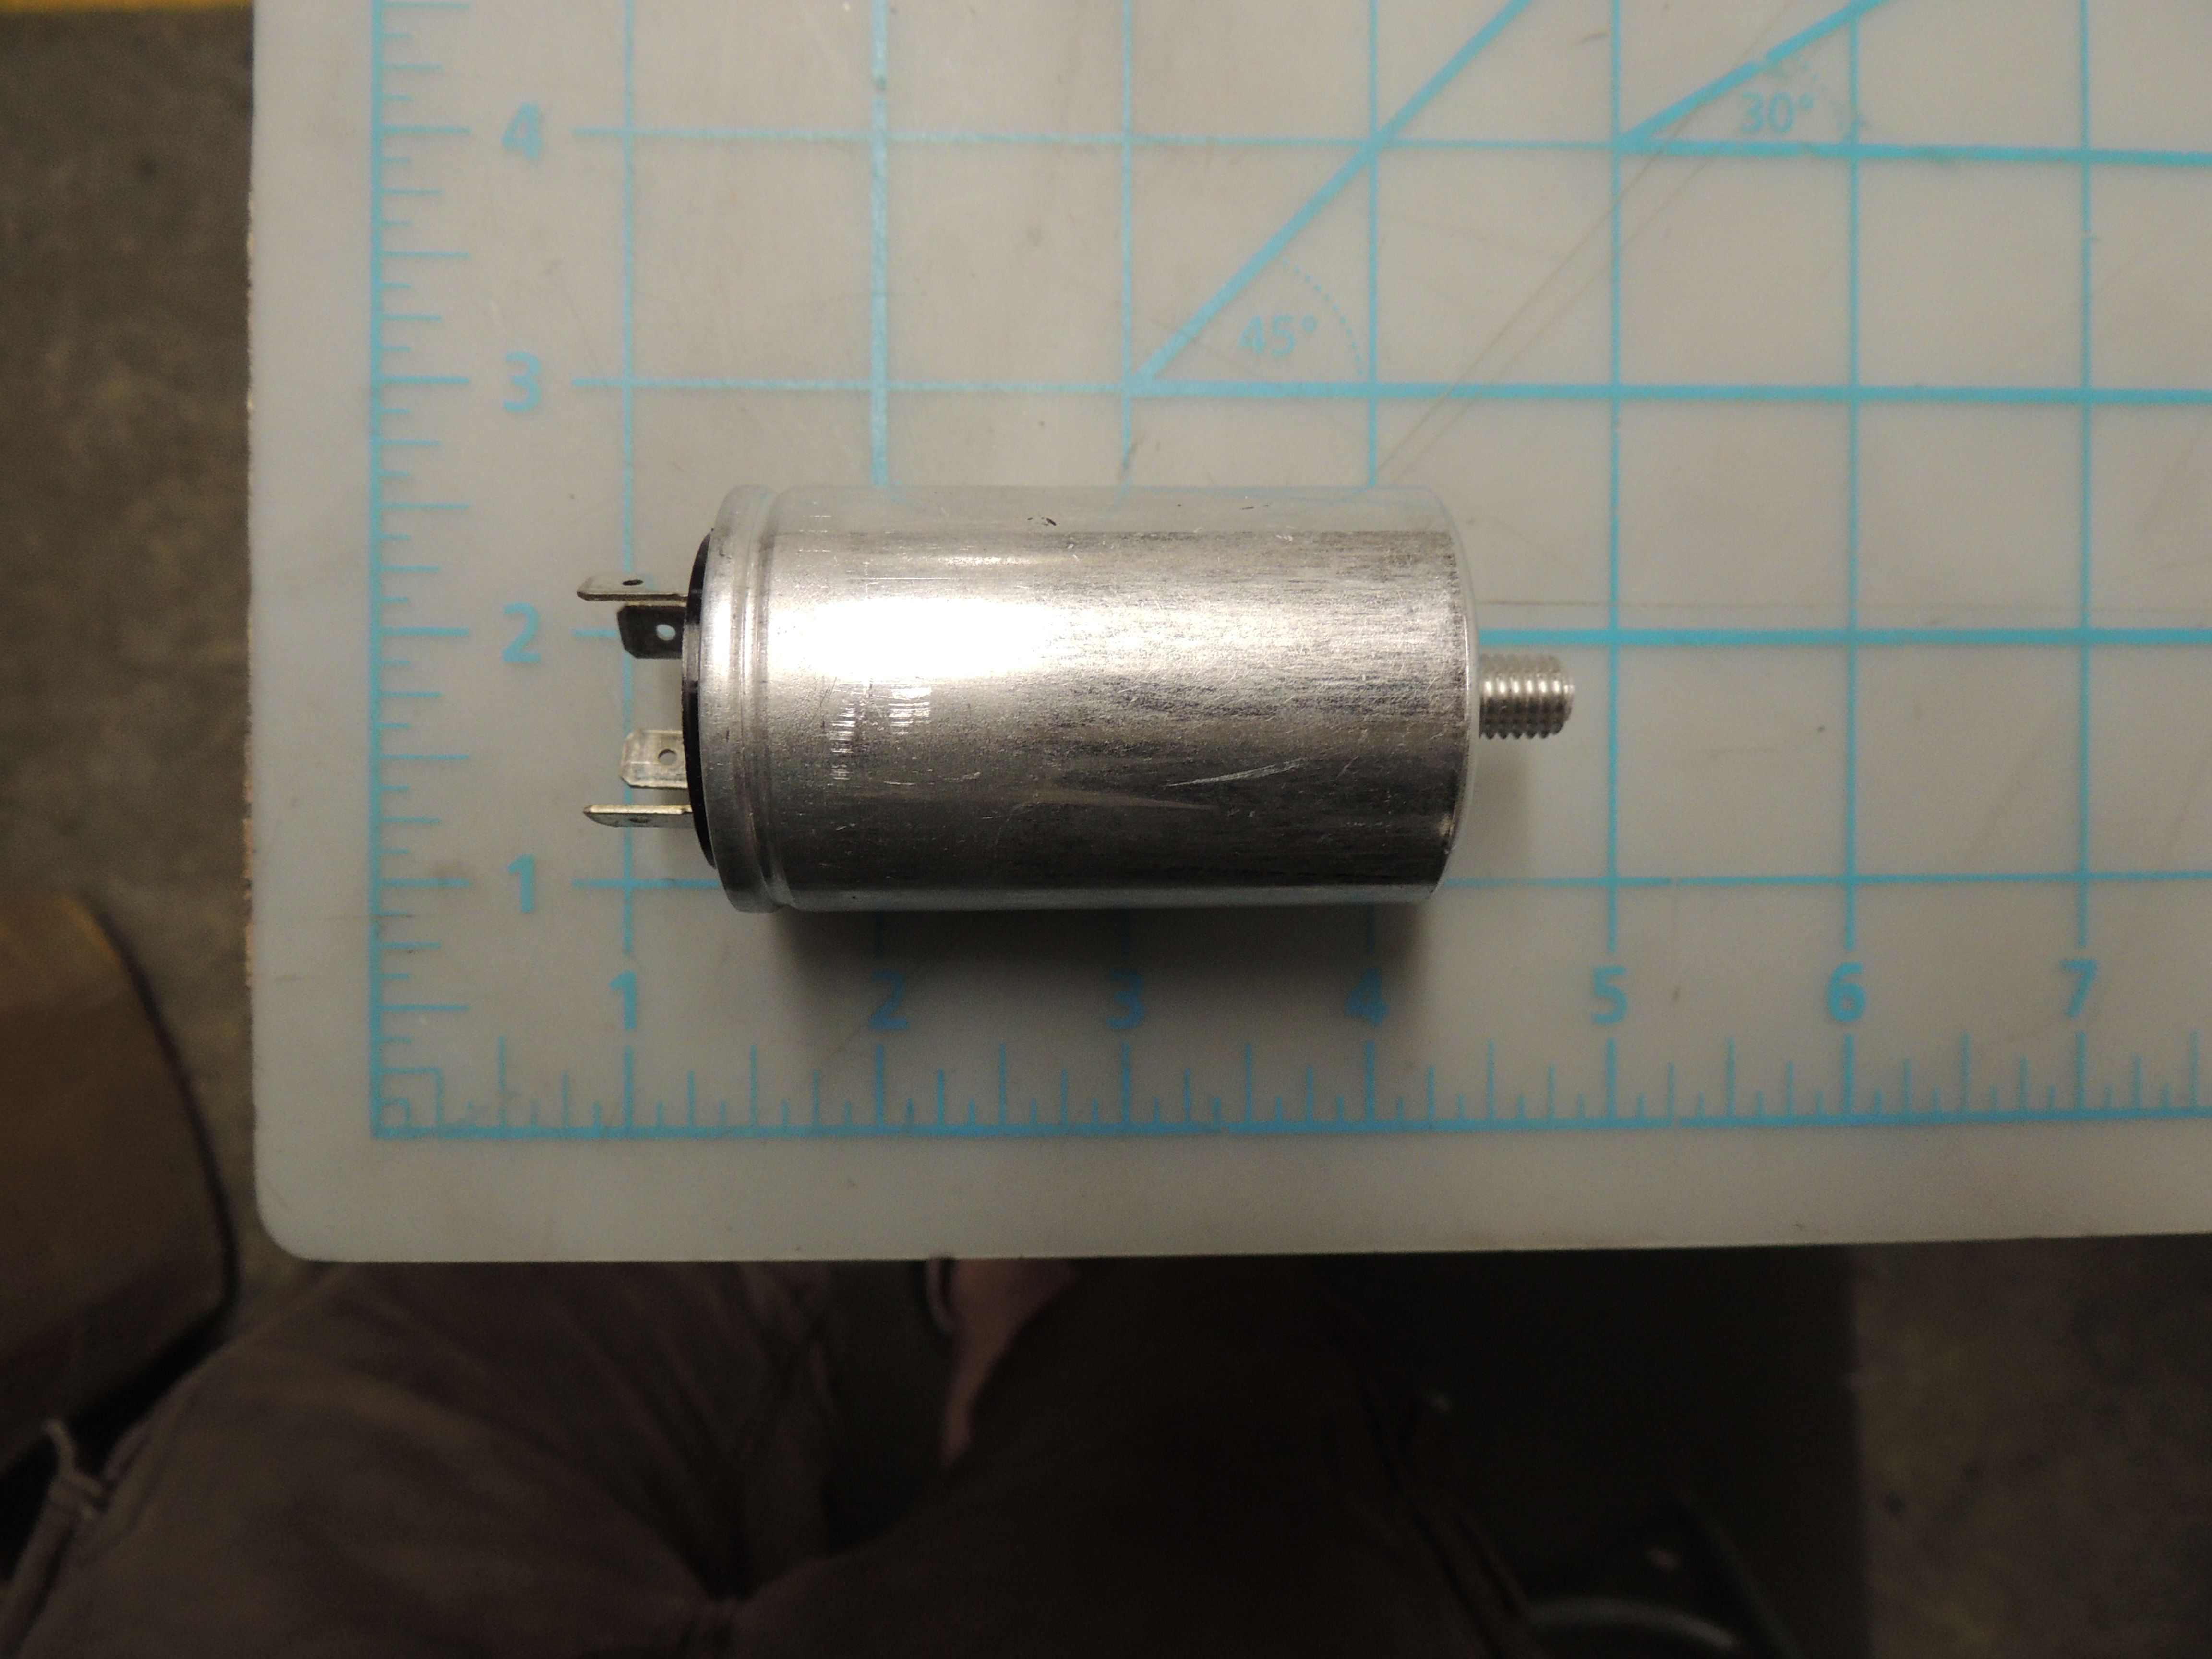 DWM5500W RSO-FILTER CAPACITOR